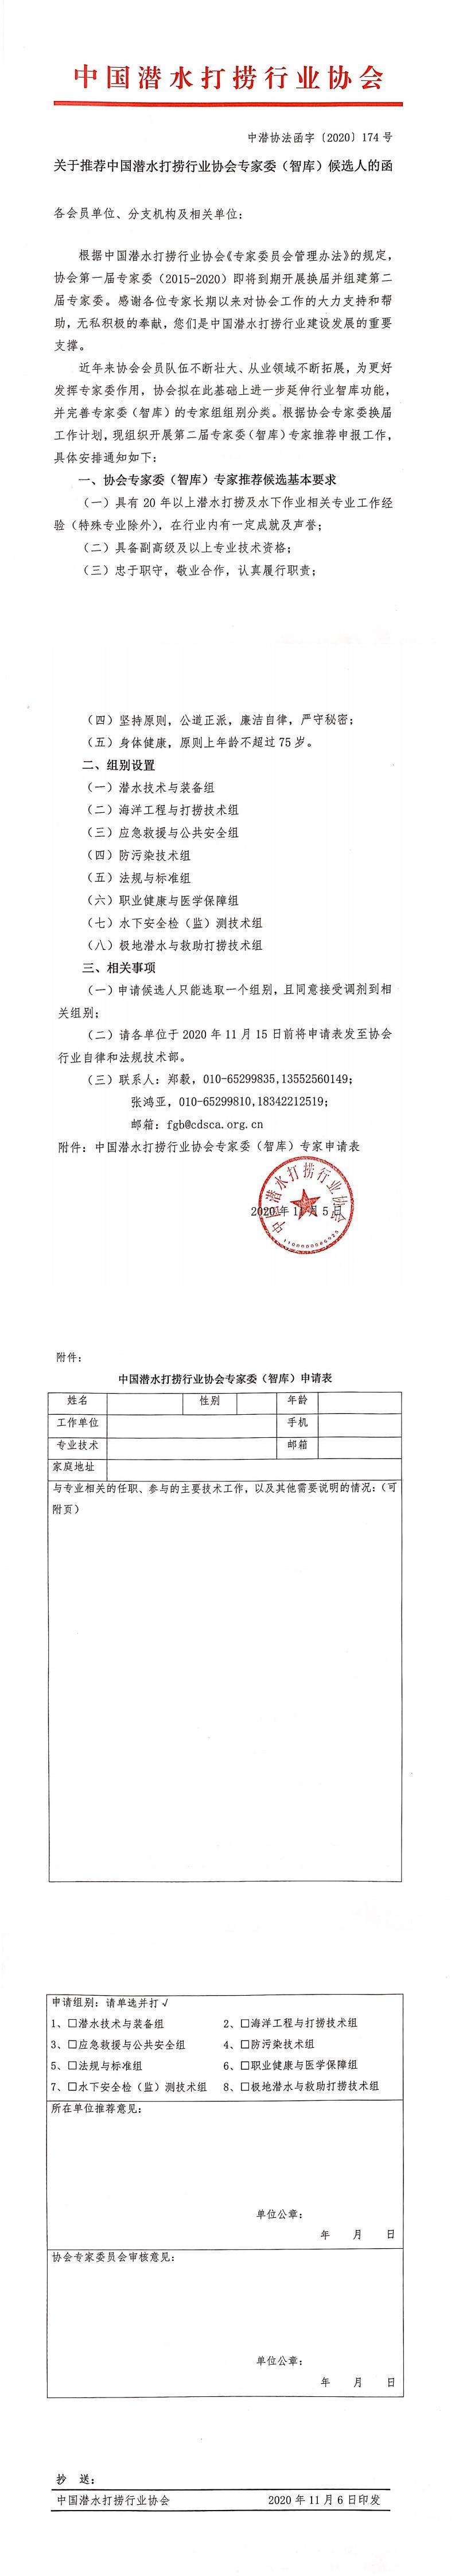 2020-174号发文 关于推荐中国潜水打捞行业协会专家委(智库)候选人的函.jpg